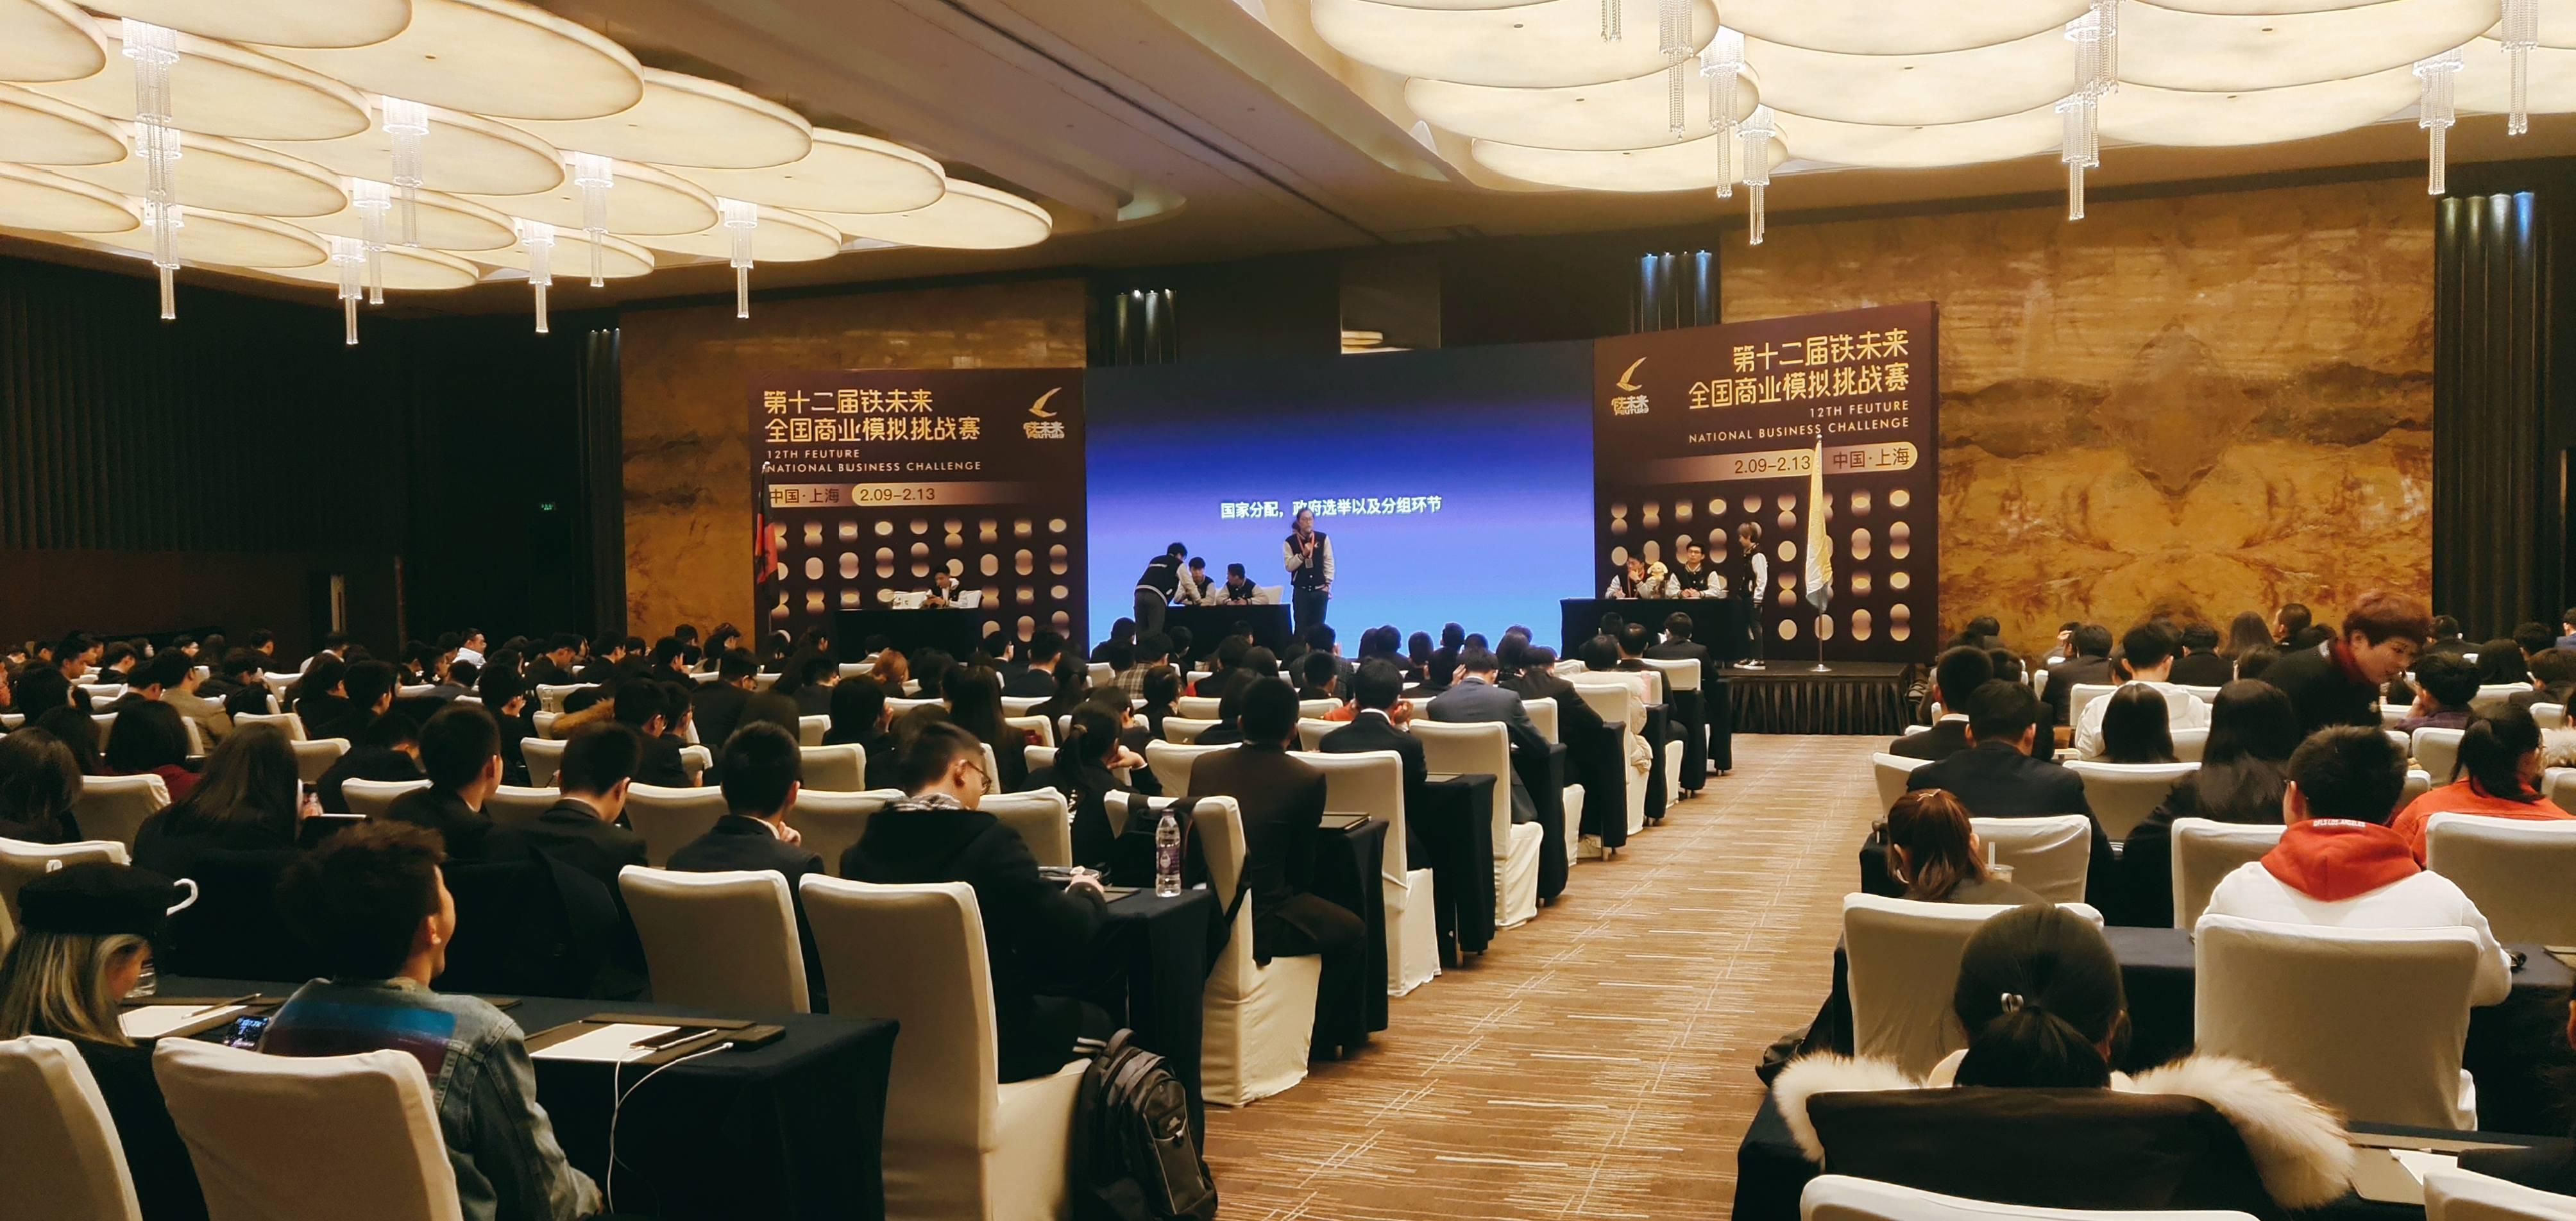 第十二届铁未来国际商业模拟挑战赛在沪成功举办